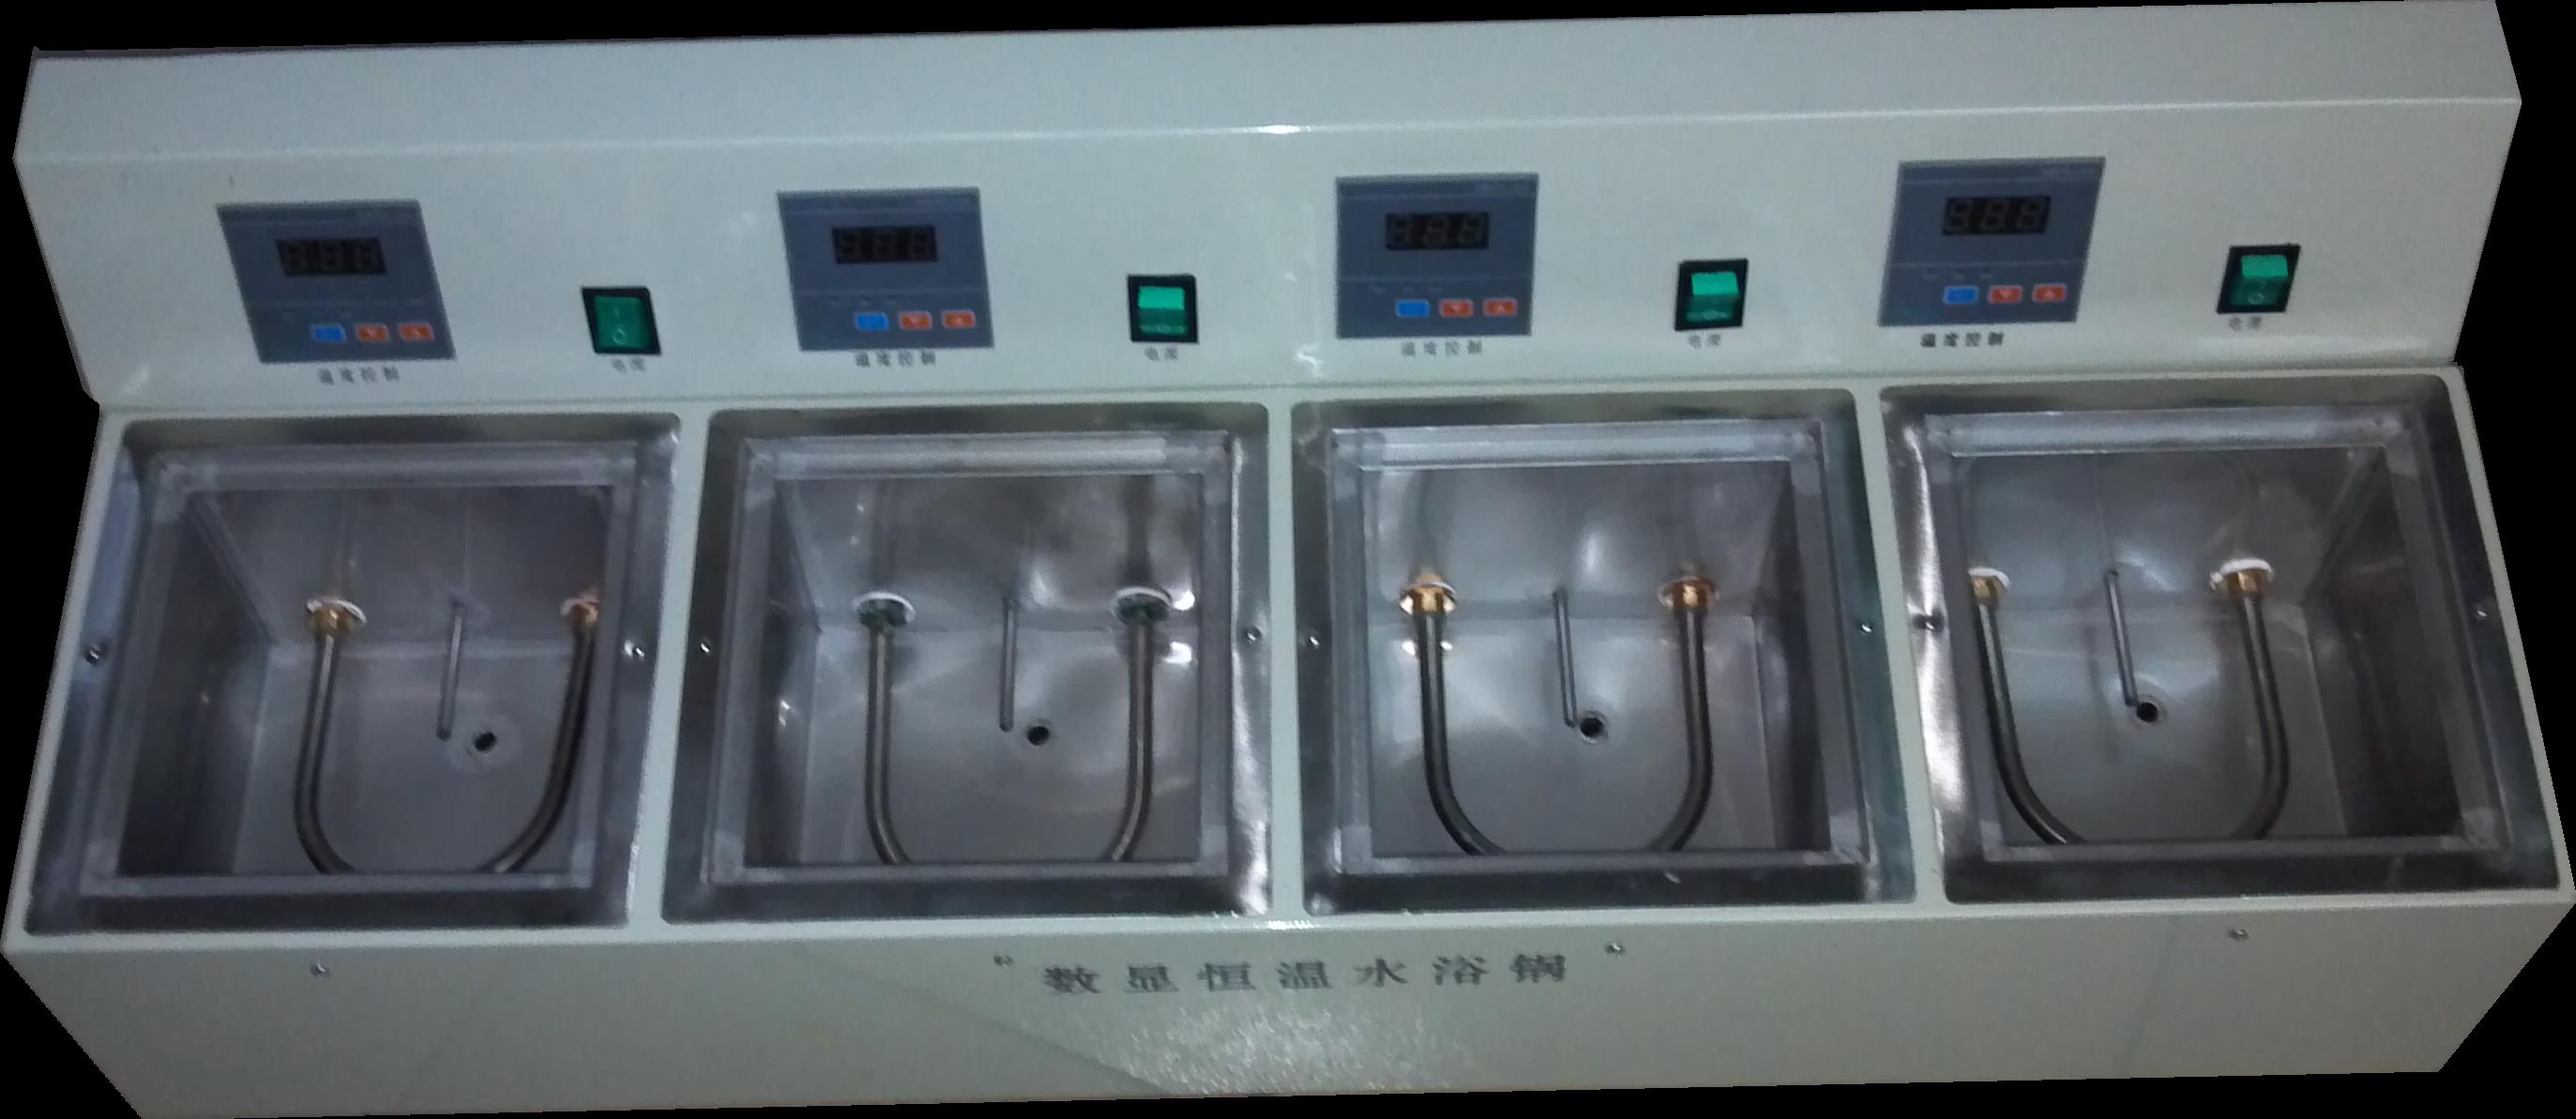 低温槽,磁力搅拌器,电动搅拌器,低速,高速,冷冻离心机,不锈钢电热板